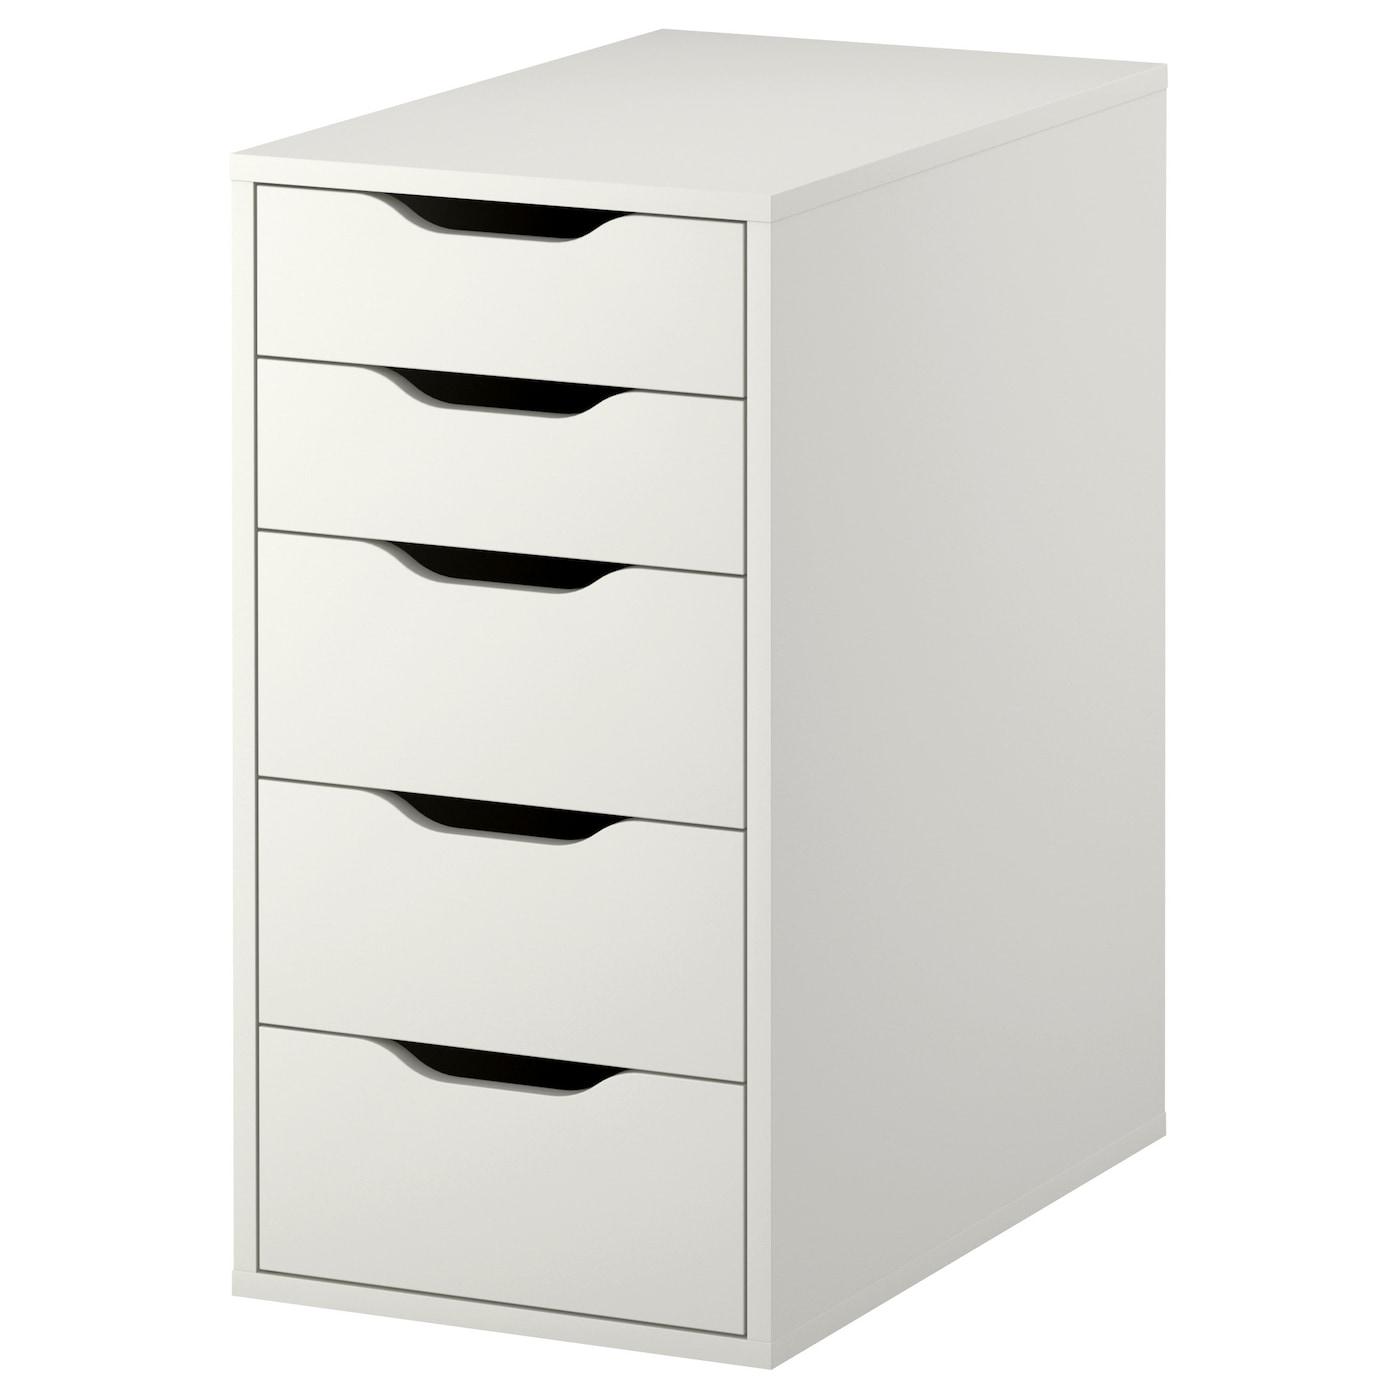 Schubladenschrank Ikea alex schubladenelement 9 schubladen ikea